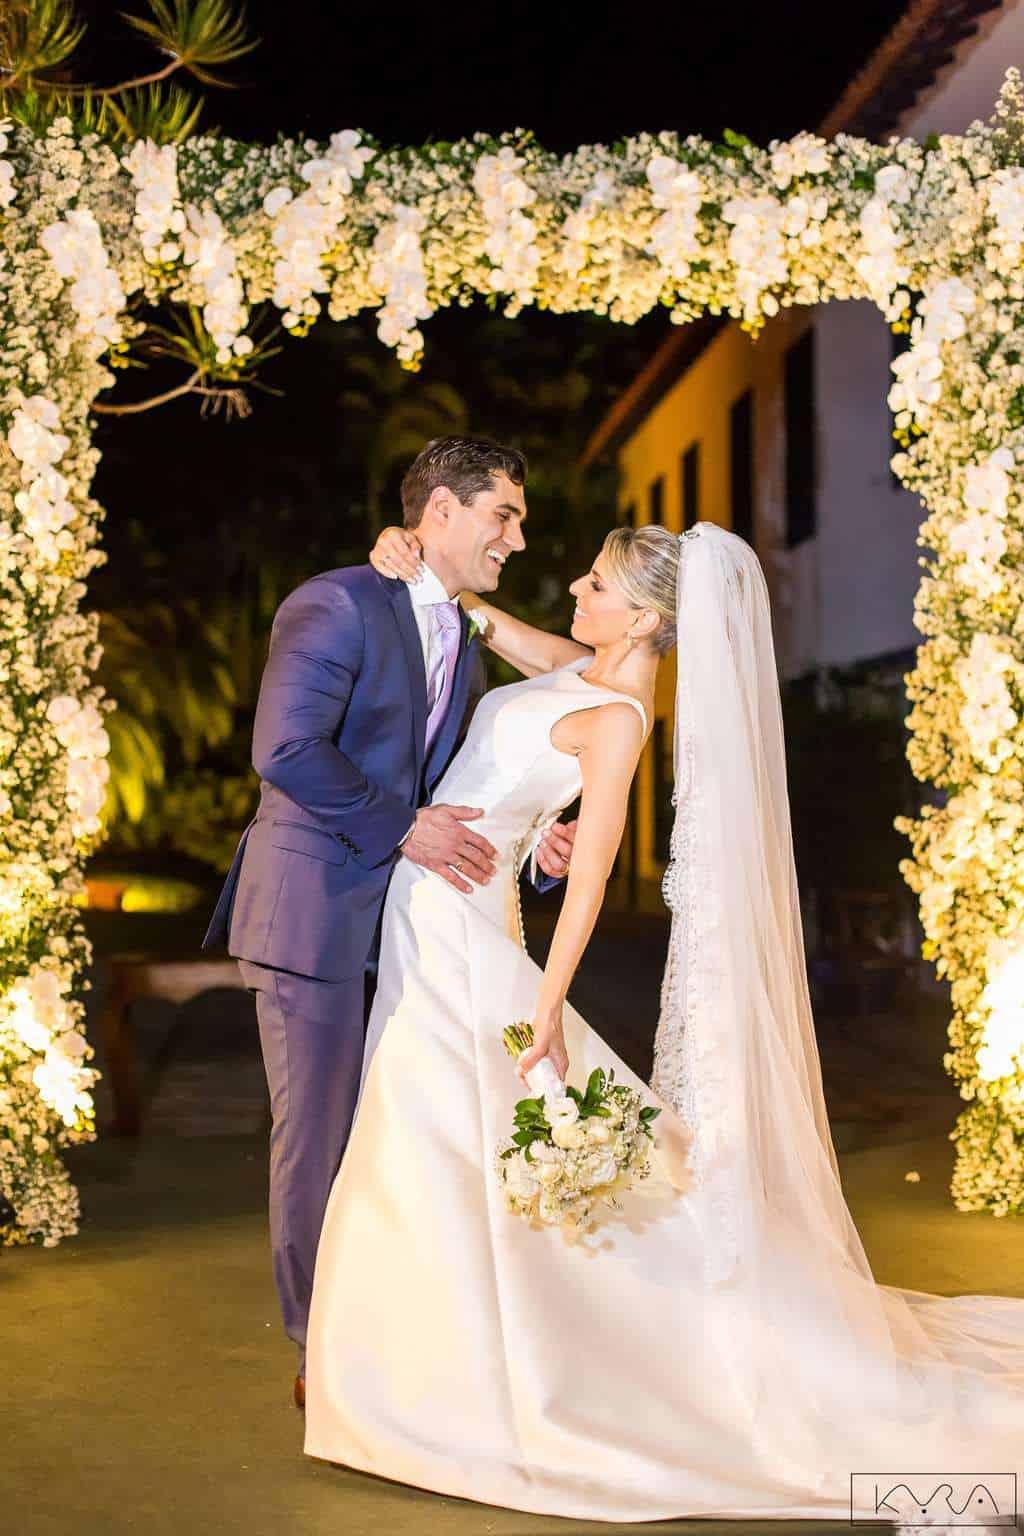 ana-carolina-e-bernardo-Anna-Carolina-Werneck-beleza-da-noiva-casamento-tradicional-Gavea-Golf-Club-Kyra-Mirsky-making-of-mini-wedding-noivos-verde-e-rosa-casamento-77